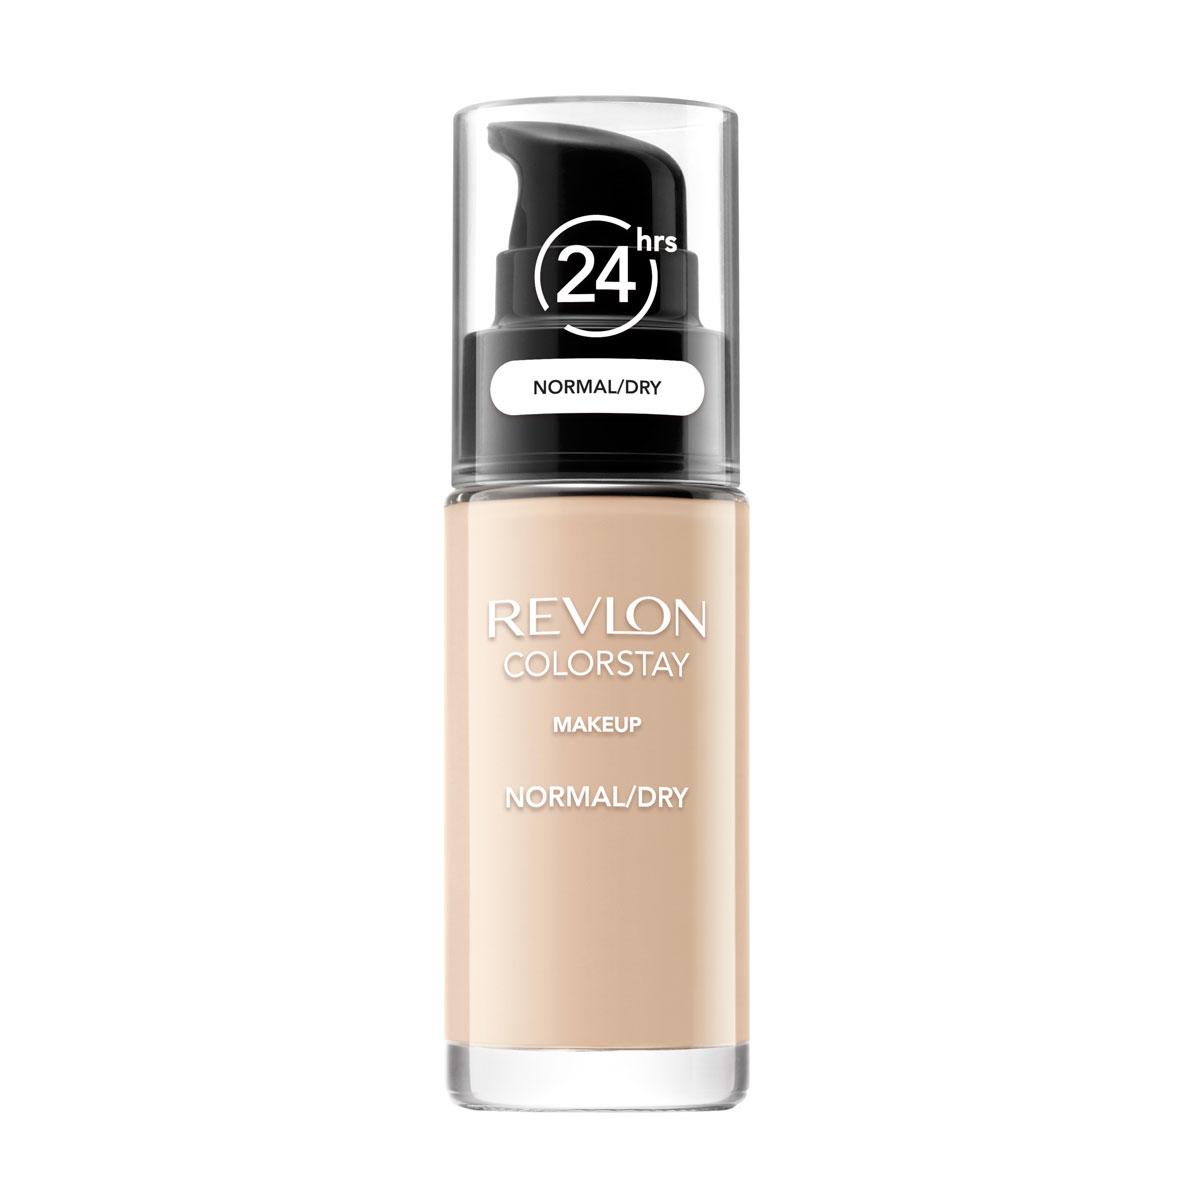 Revlon Тональный Крем для Норм-Сух Кожи Colorstay Makeup For Normal-Dry Skin Sand beige 180 30 мл7221553003Colorstay Make Up For Normal / Dry Skin - тональный крем с удивительно легкой текстурой идеально выравнивает тон и рельеф кожи, обеспечивая ей при этом должный уровень увлажнения. Colorstay дарит коже приятную матовость, сохраняет макияж безупречным надолго. Новая технология поддерживает баланс кожи, обеспечивая свежий и естественный вид. Продукт номер 1 по стойкости, обеспечивает идеальное покрытие в течение 24 часов без повторного нанесения!С SPF фактором. Предназначен для сухой и нормальной кожи.